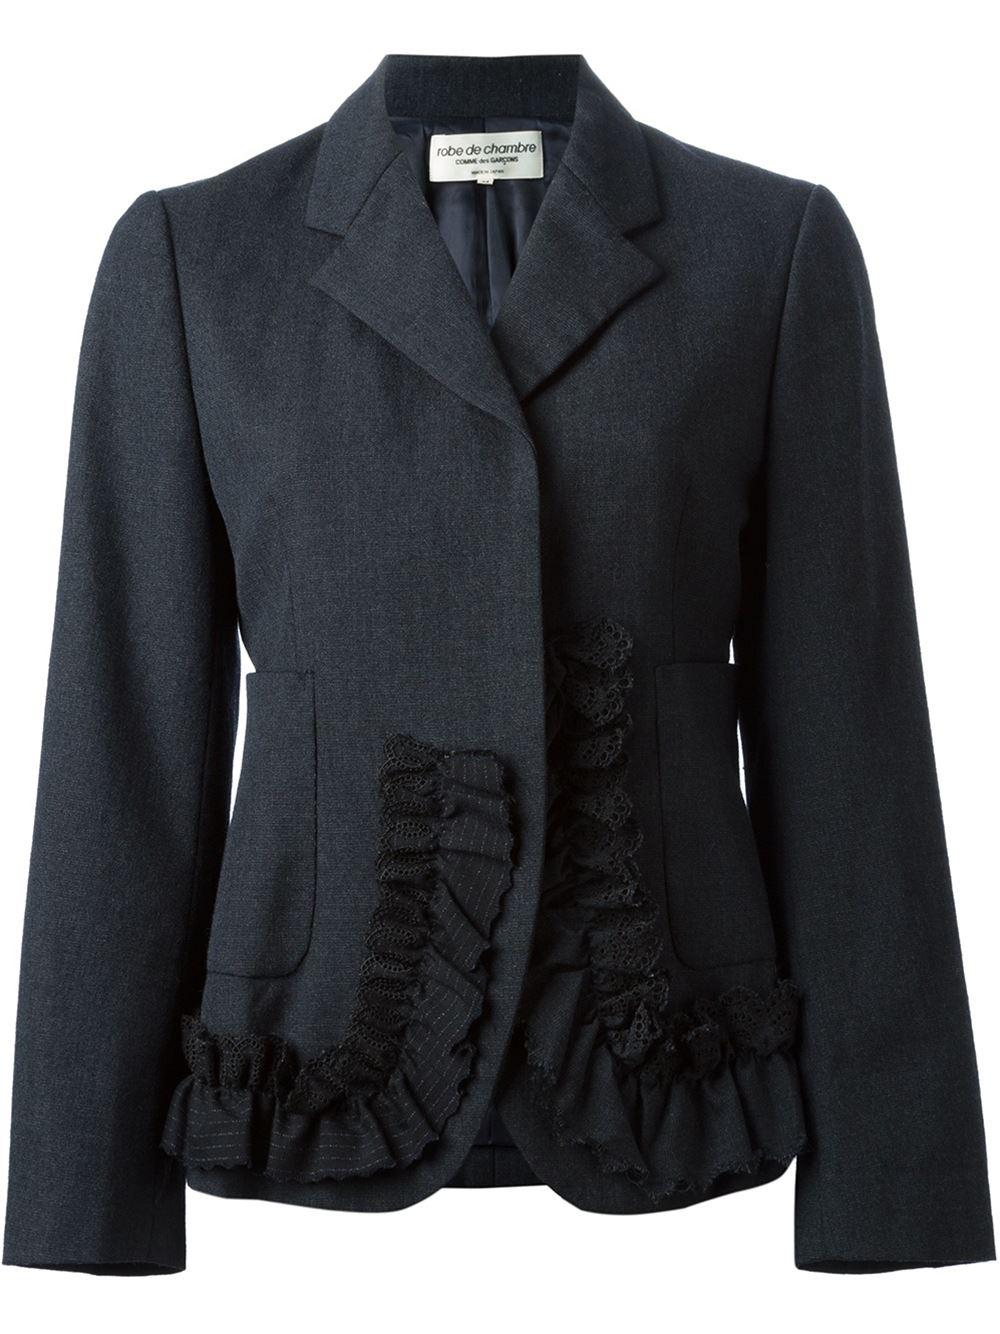 Comme des gar ons 39 robe de chambre 39 jacket in multicolor for Chambre de garcon